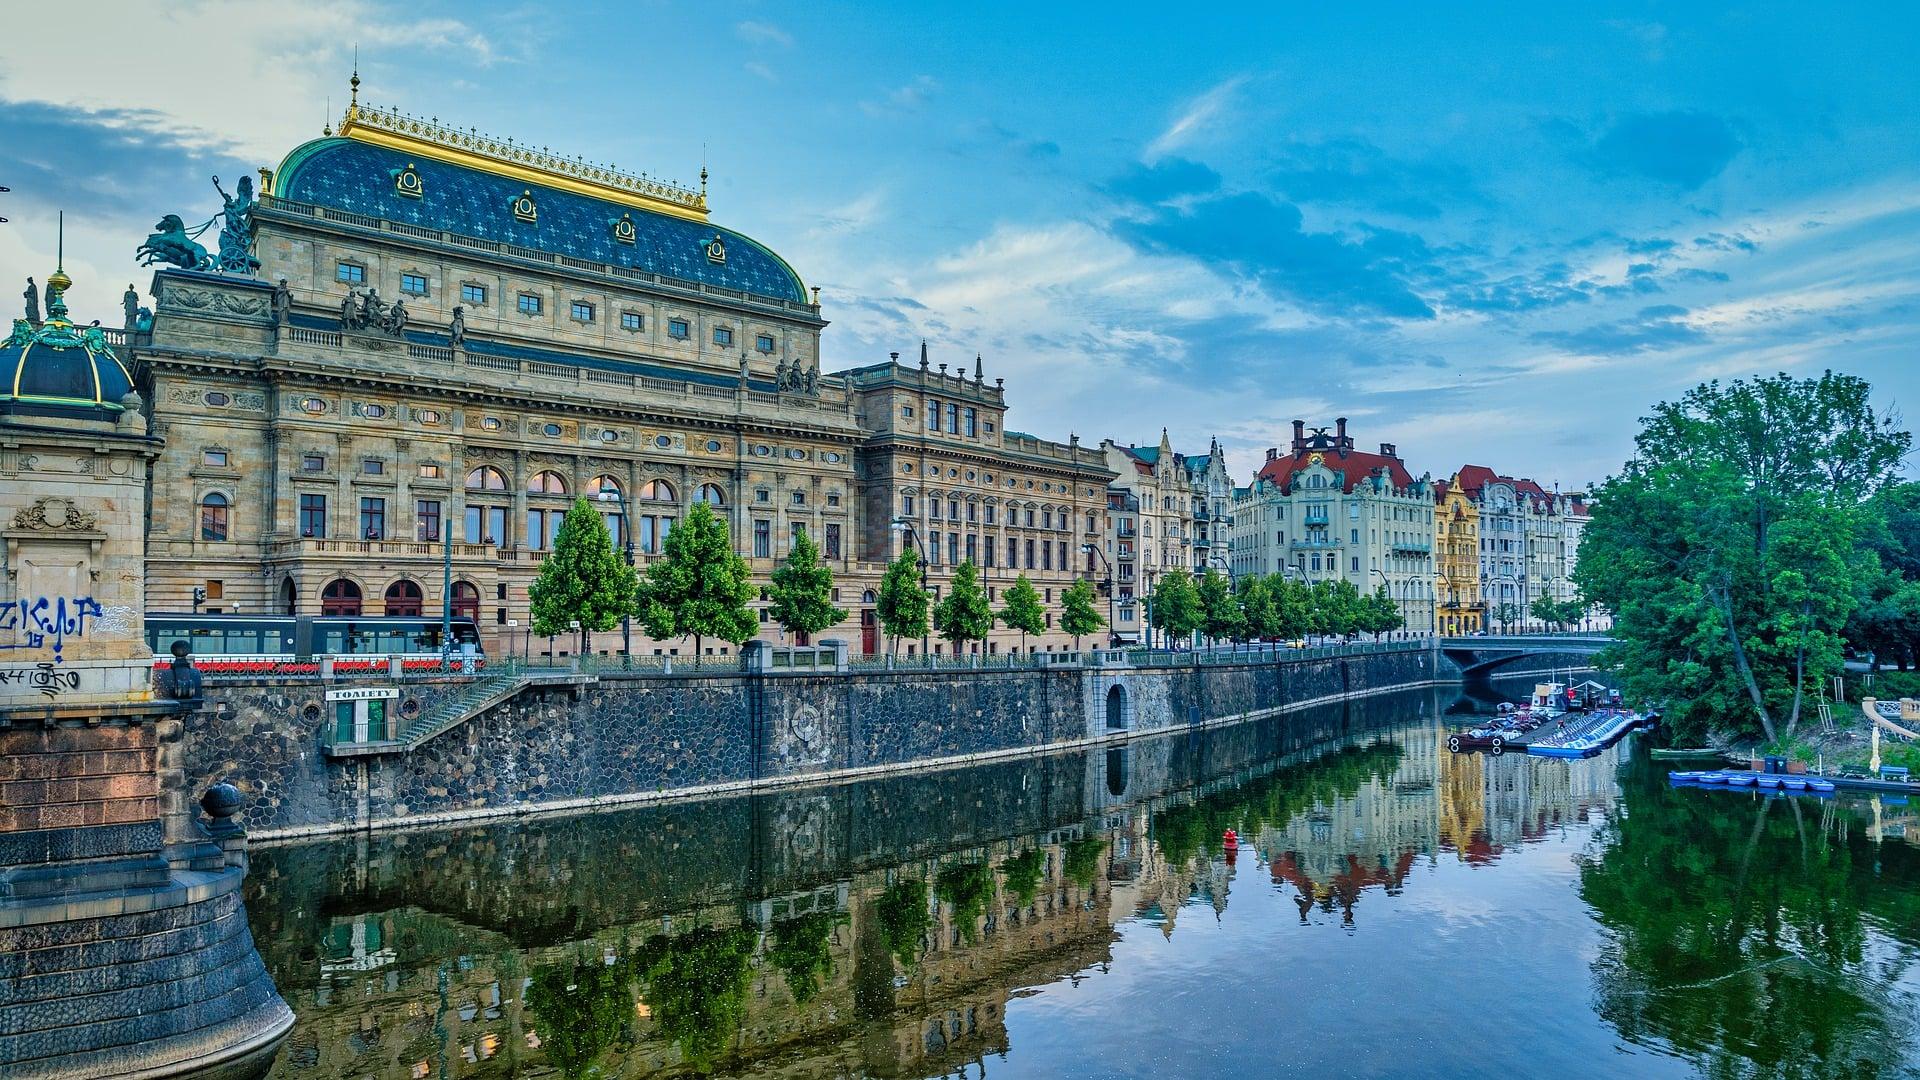 купить коммерческую недвижимость в Праге